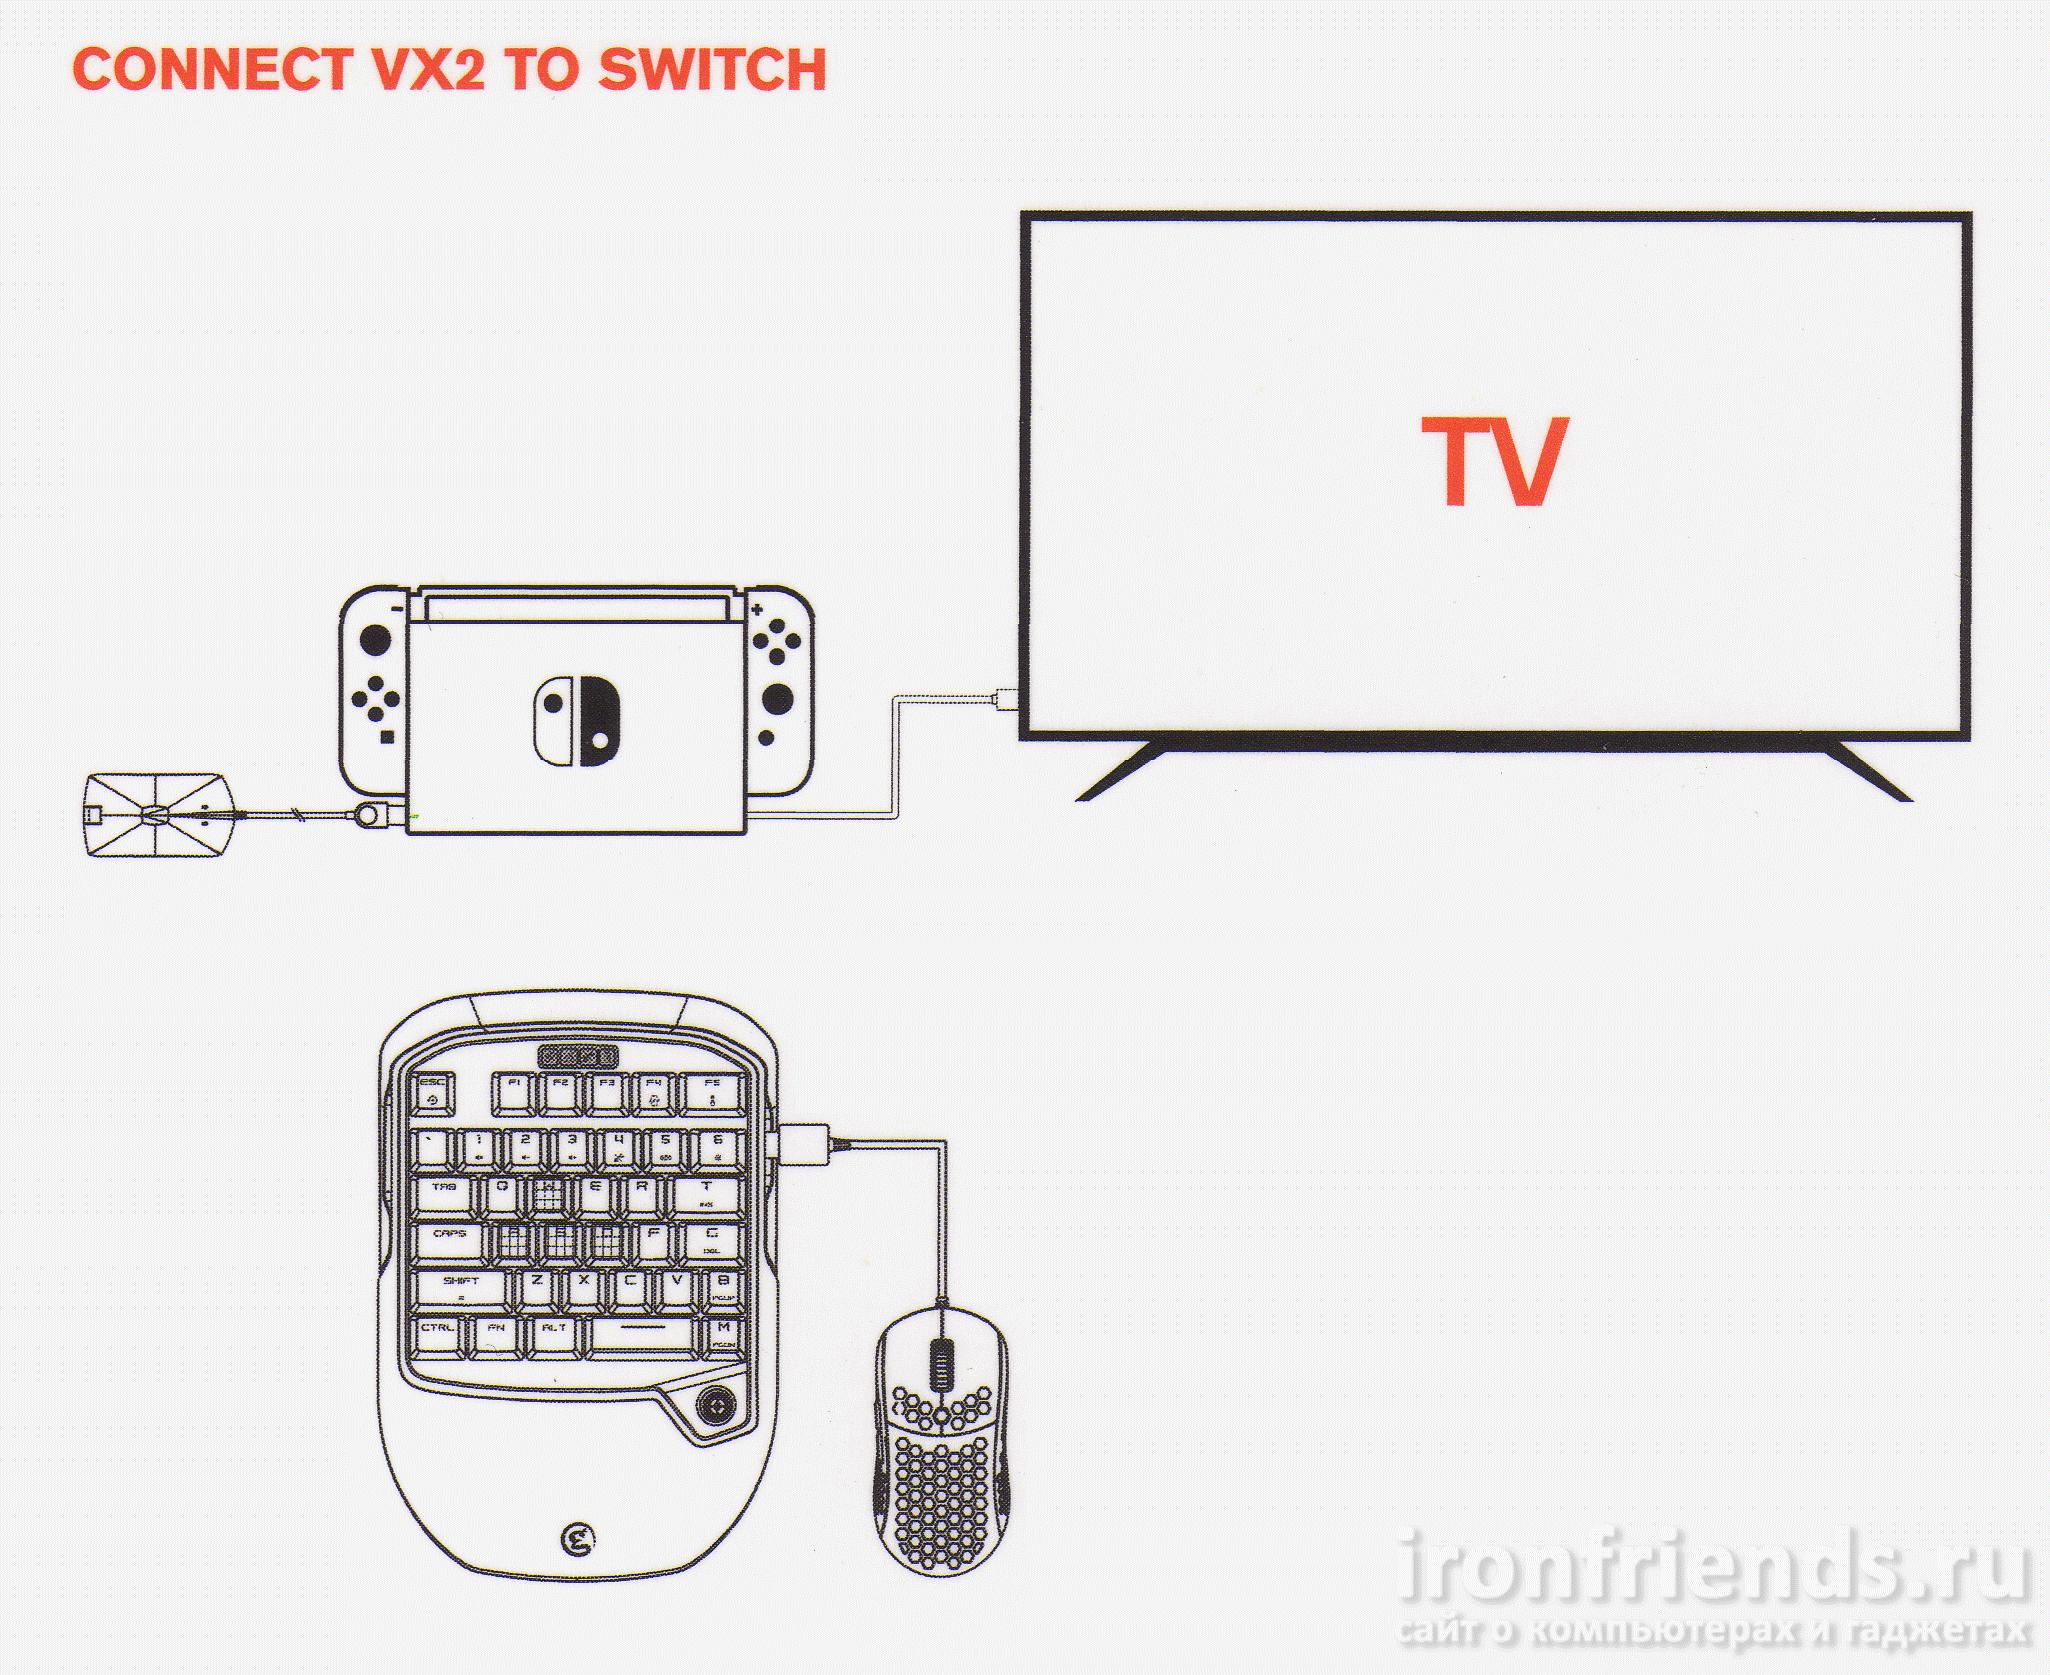 Подключение GameSir VX2 к Switch и TV